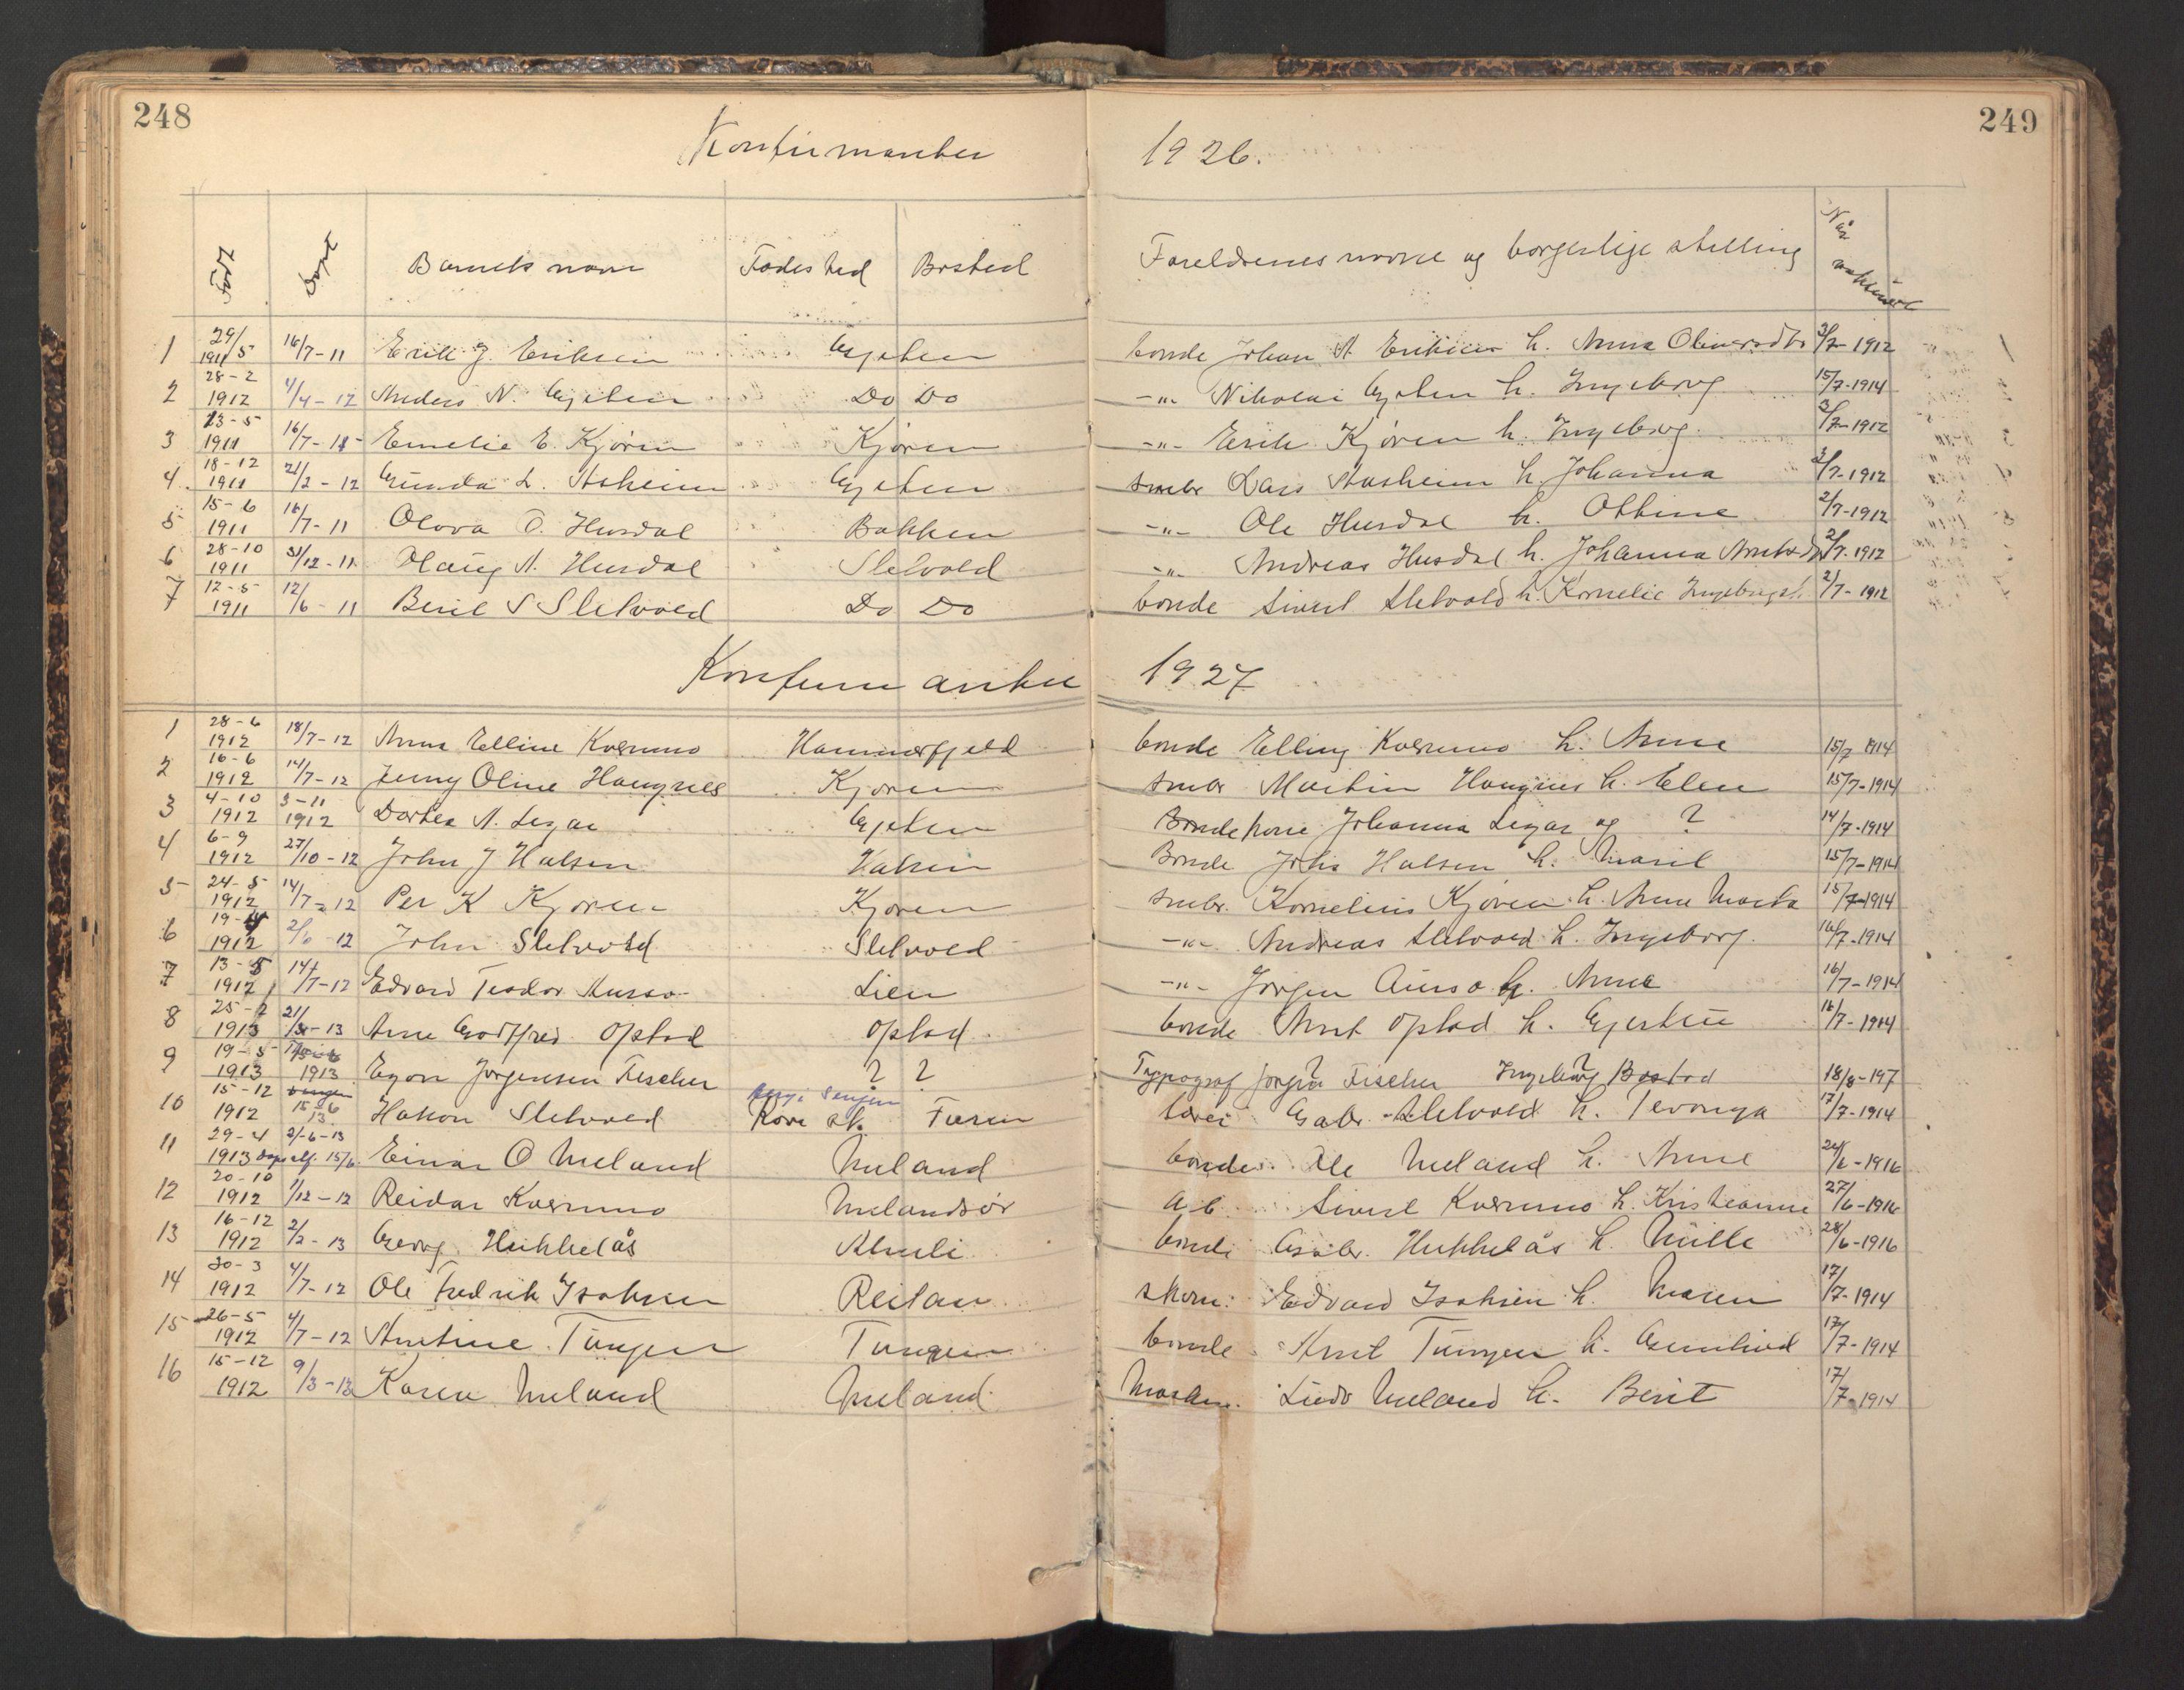 SAT, Ministerialprotokoller, klokkerbøker og fødselsregistre - Sør-Trøndelag, 670/L0837: Klokkerbok nr. 670C01, 1905-1946, s. 248-249